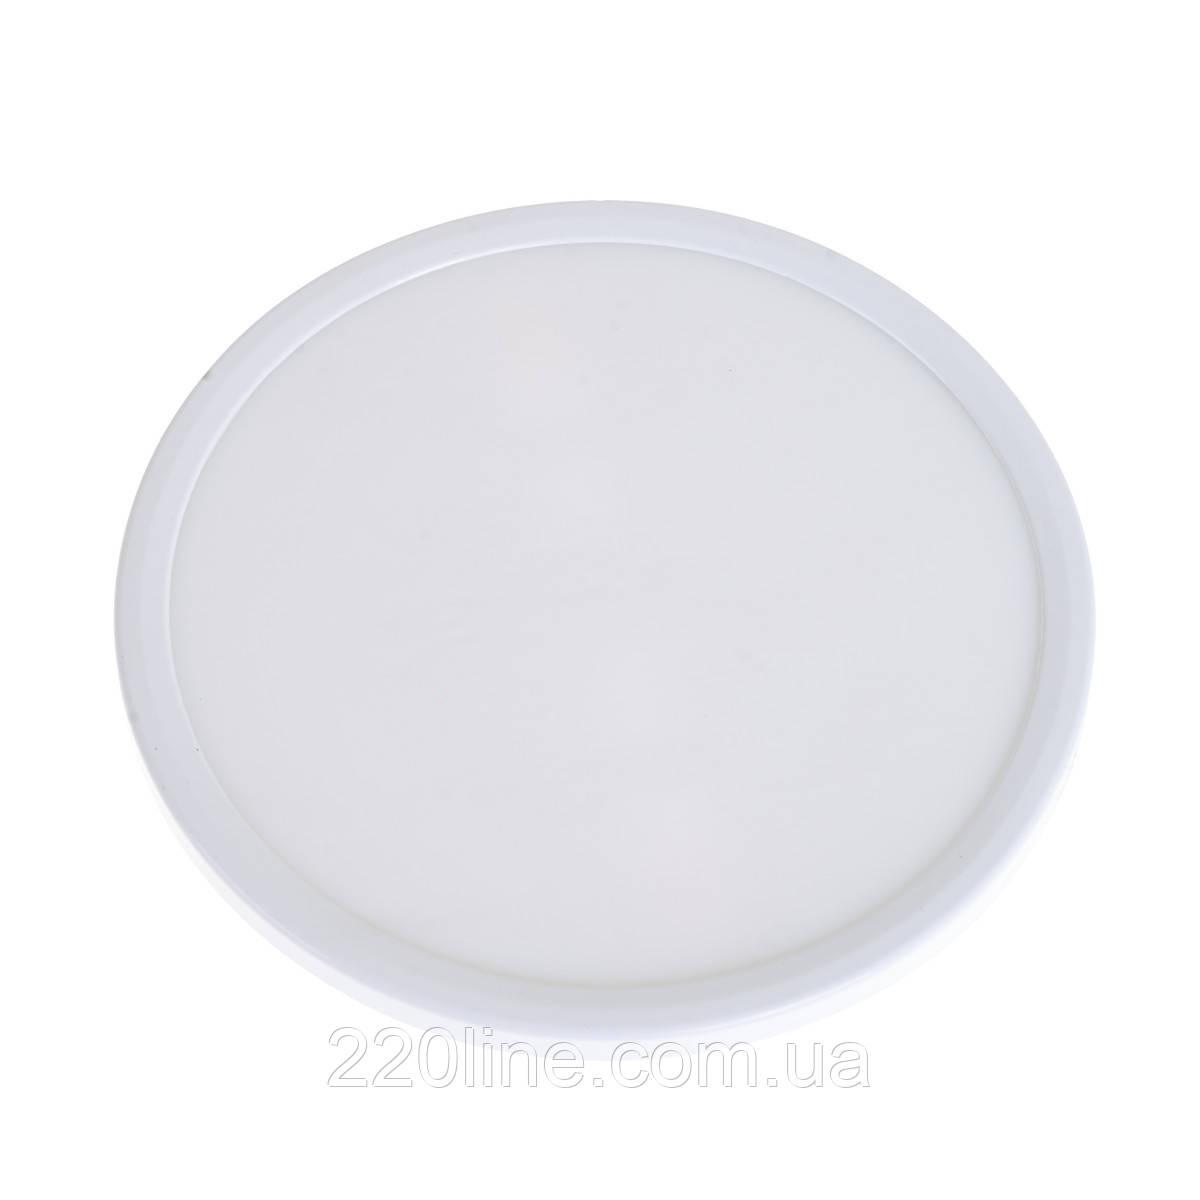 Светильник потолочный встроенный светодиодный LED-36R/15W NW